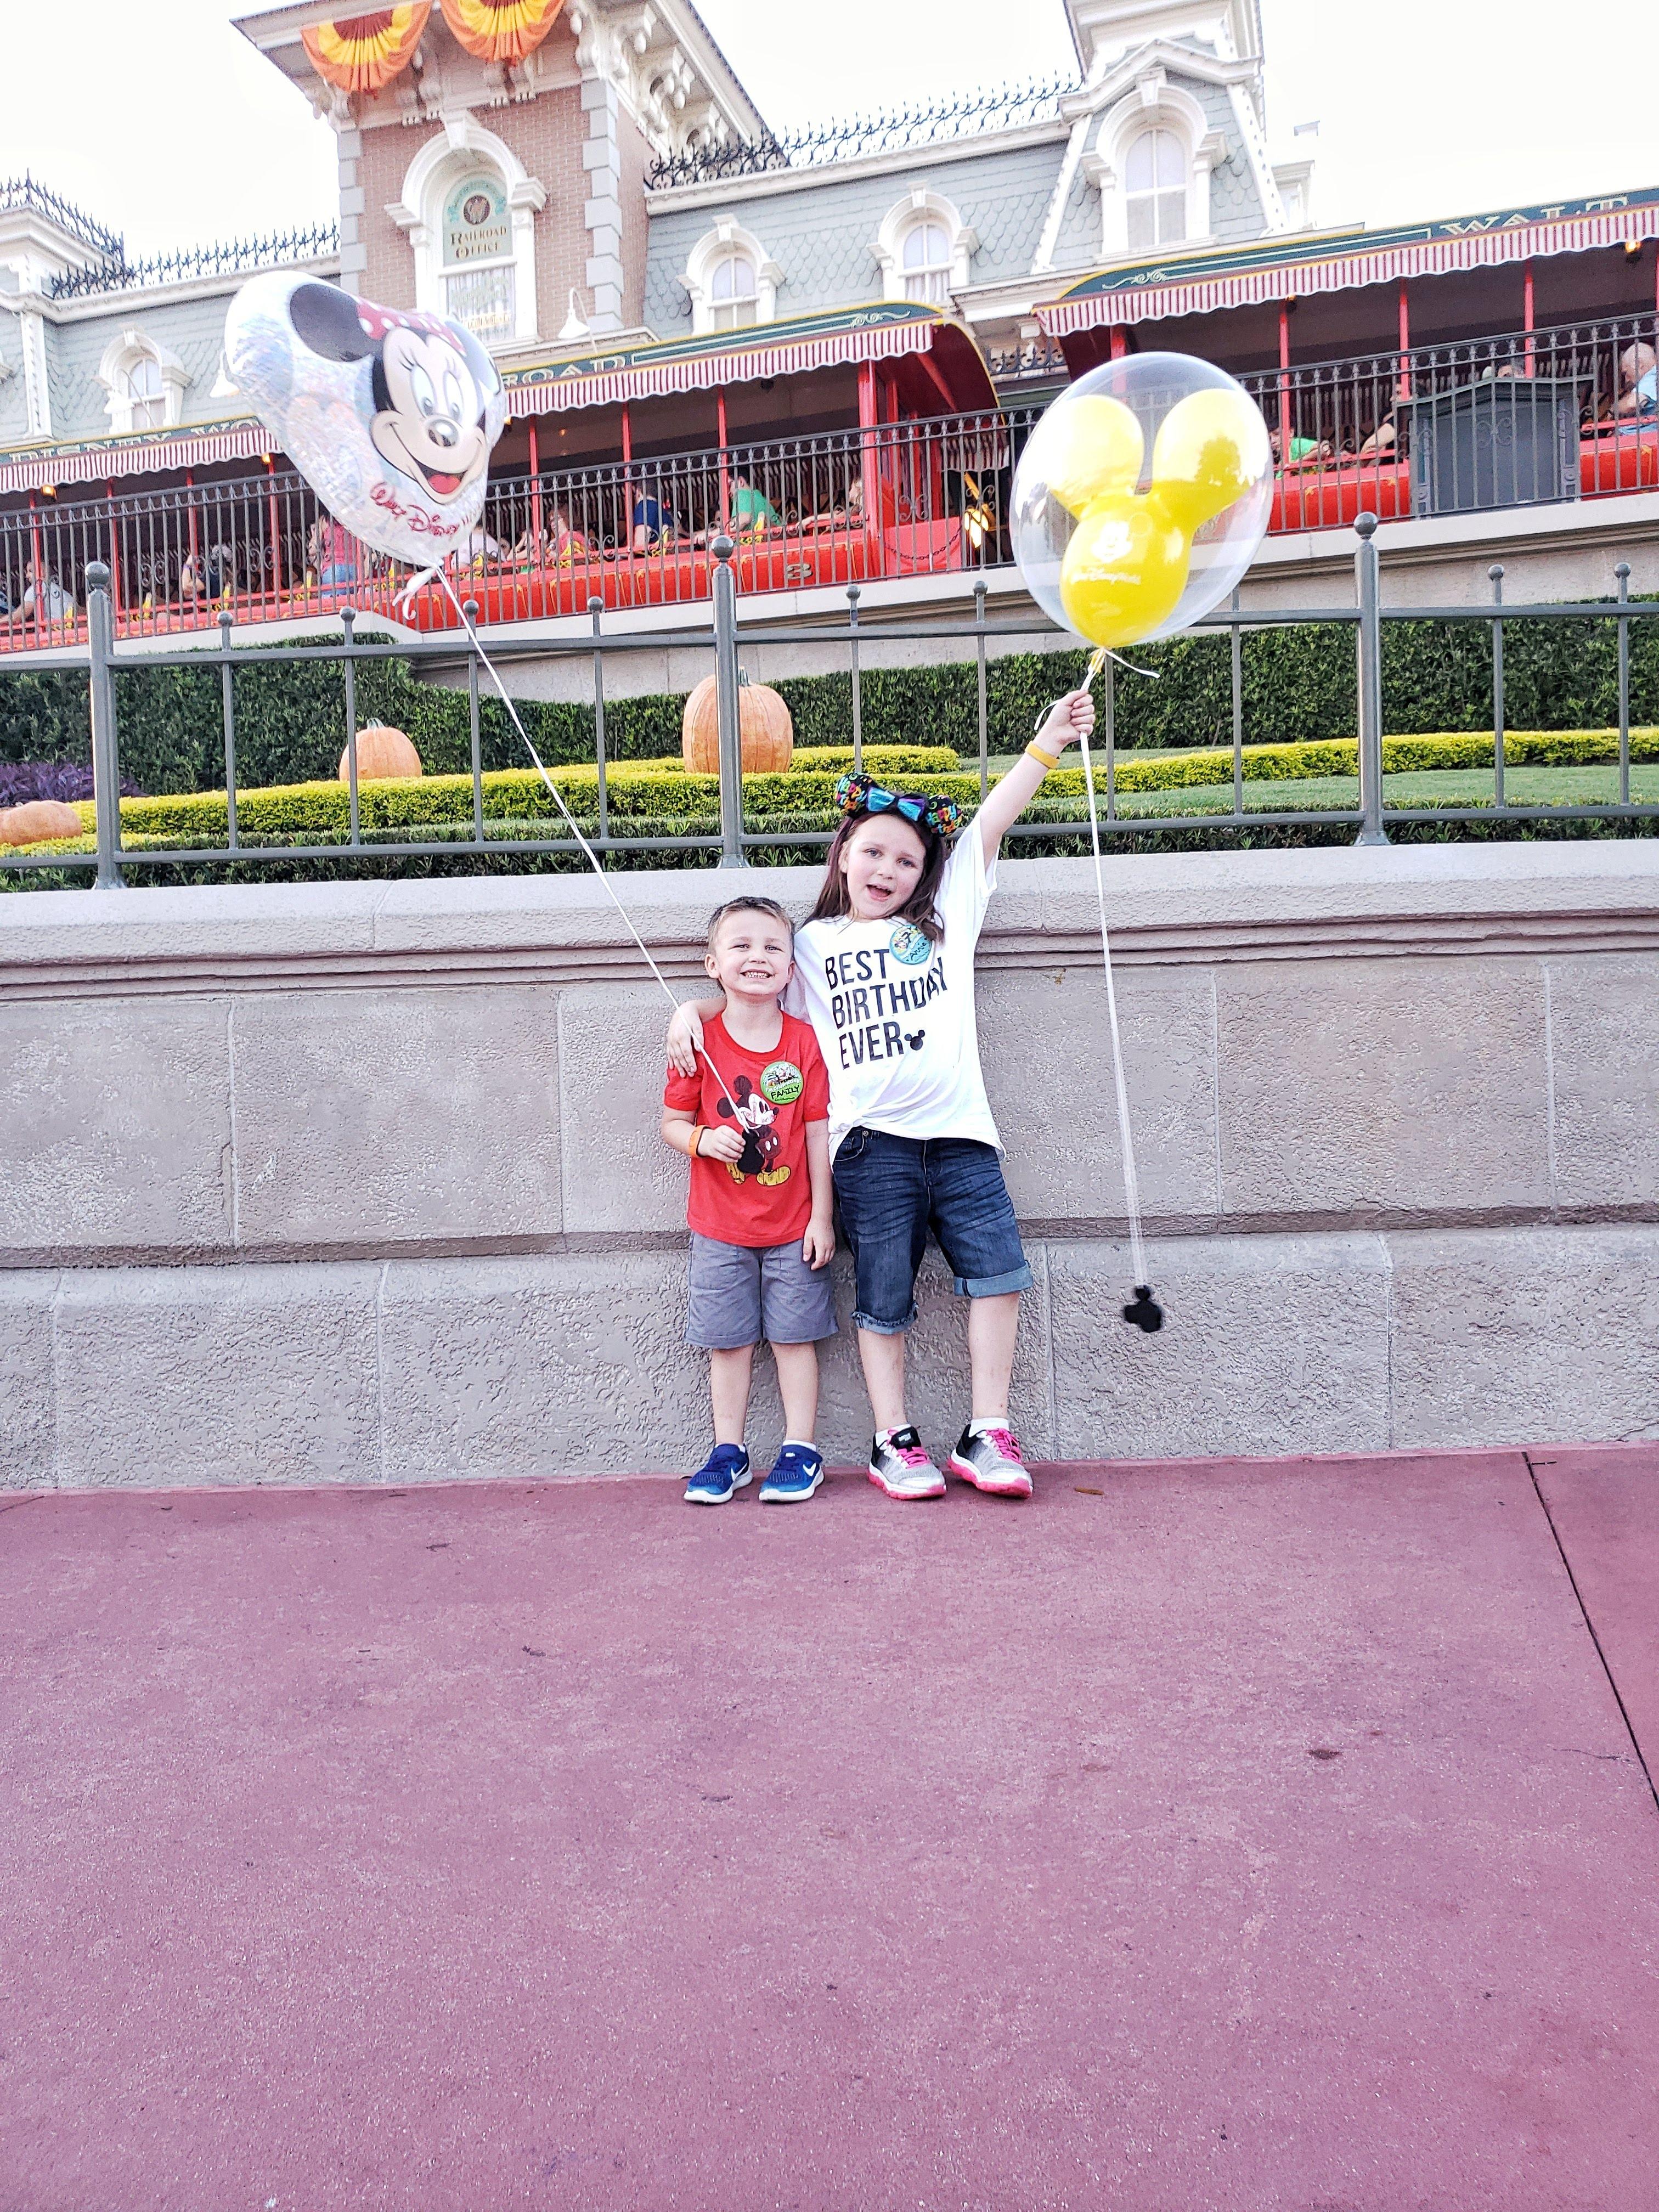 Walt Disney World Birthday celebration.